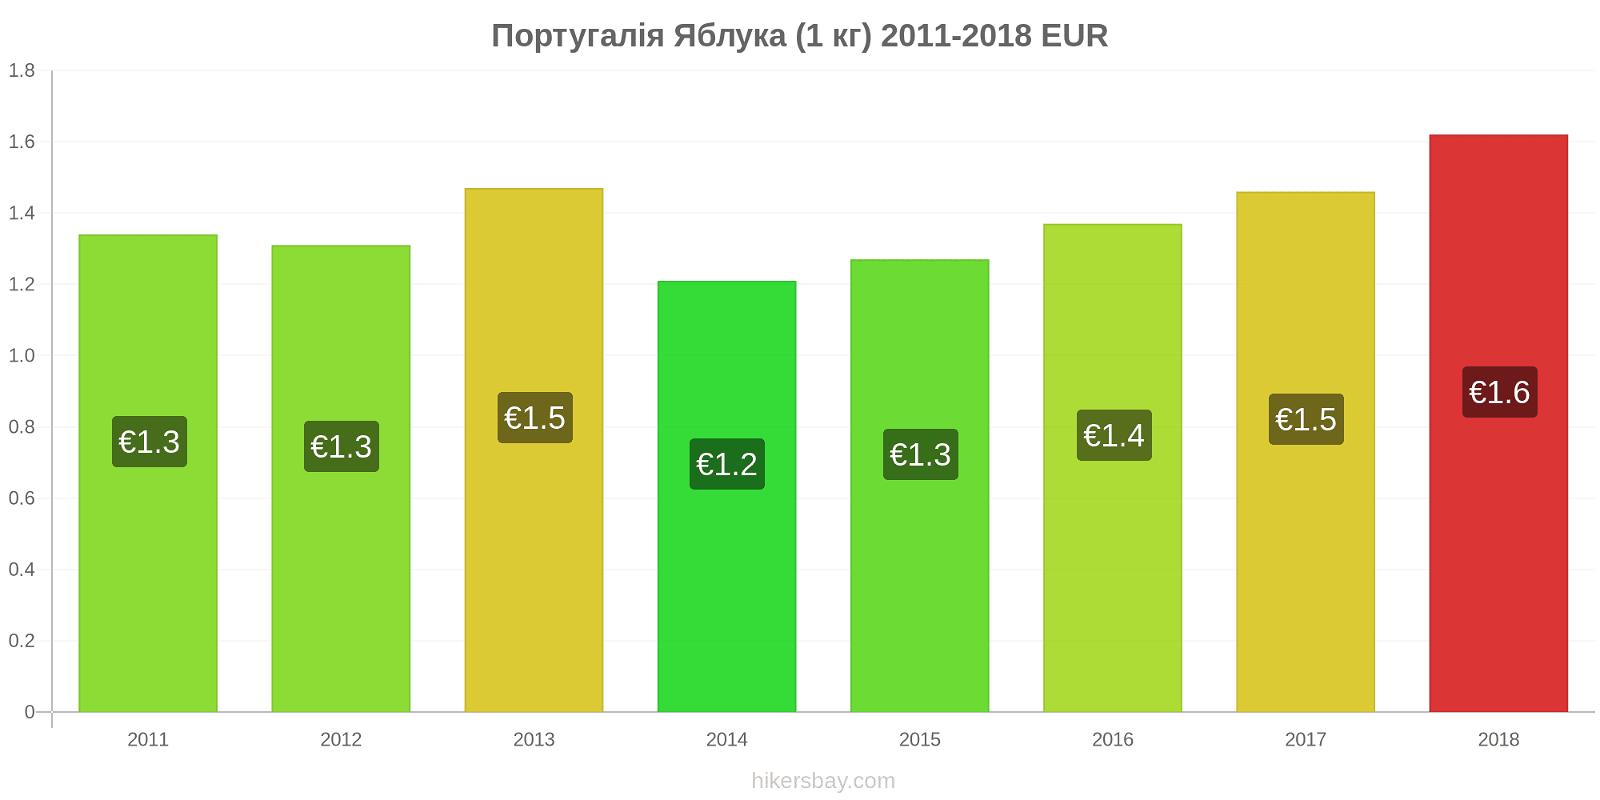 Португалія зміни цін Яблука (1 кг) hikersbay.com